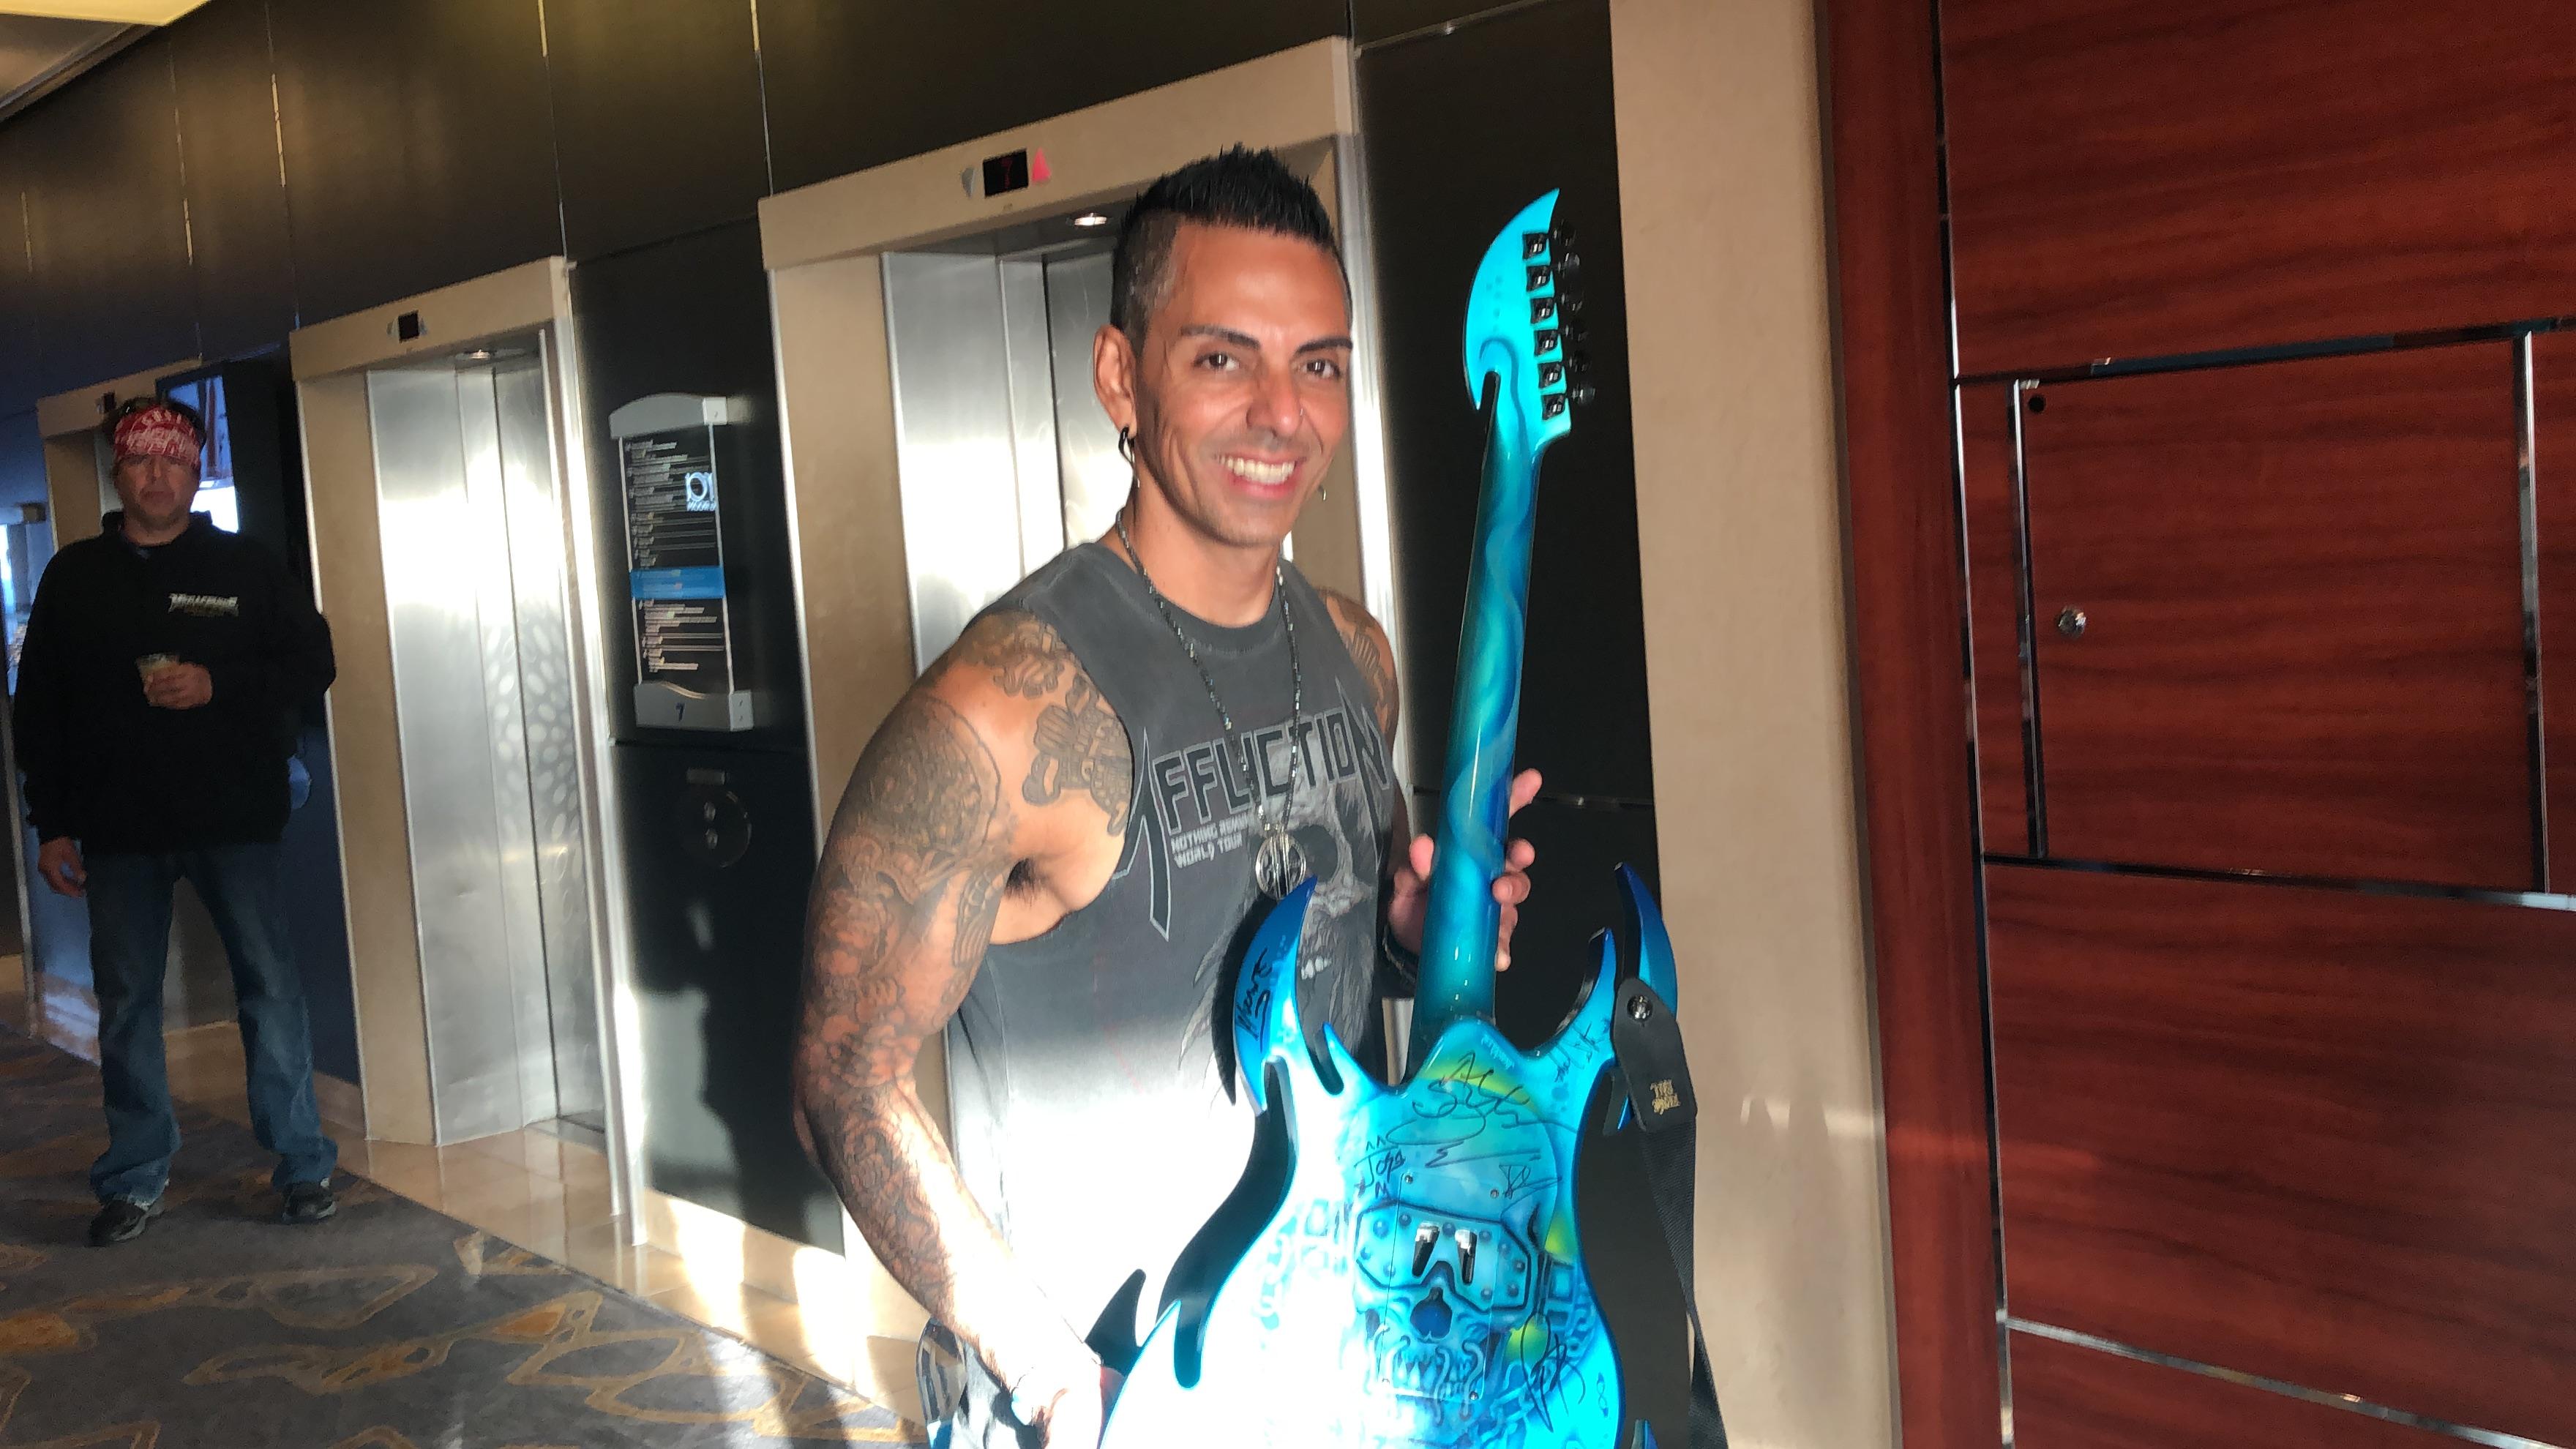 Mega Cool Guitar!